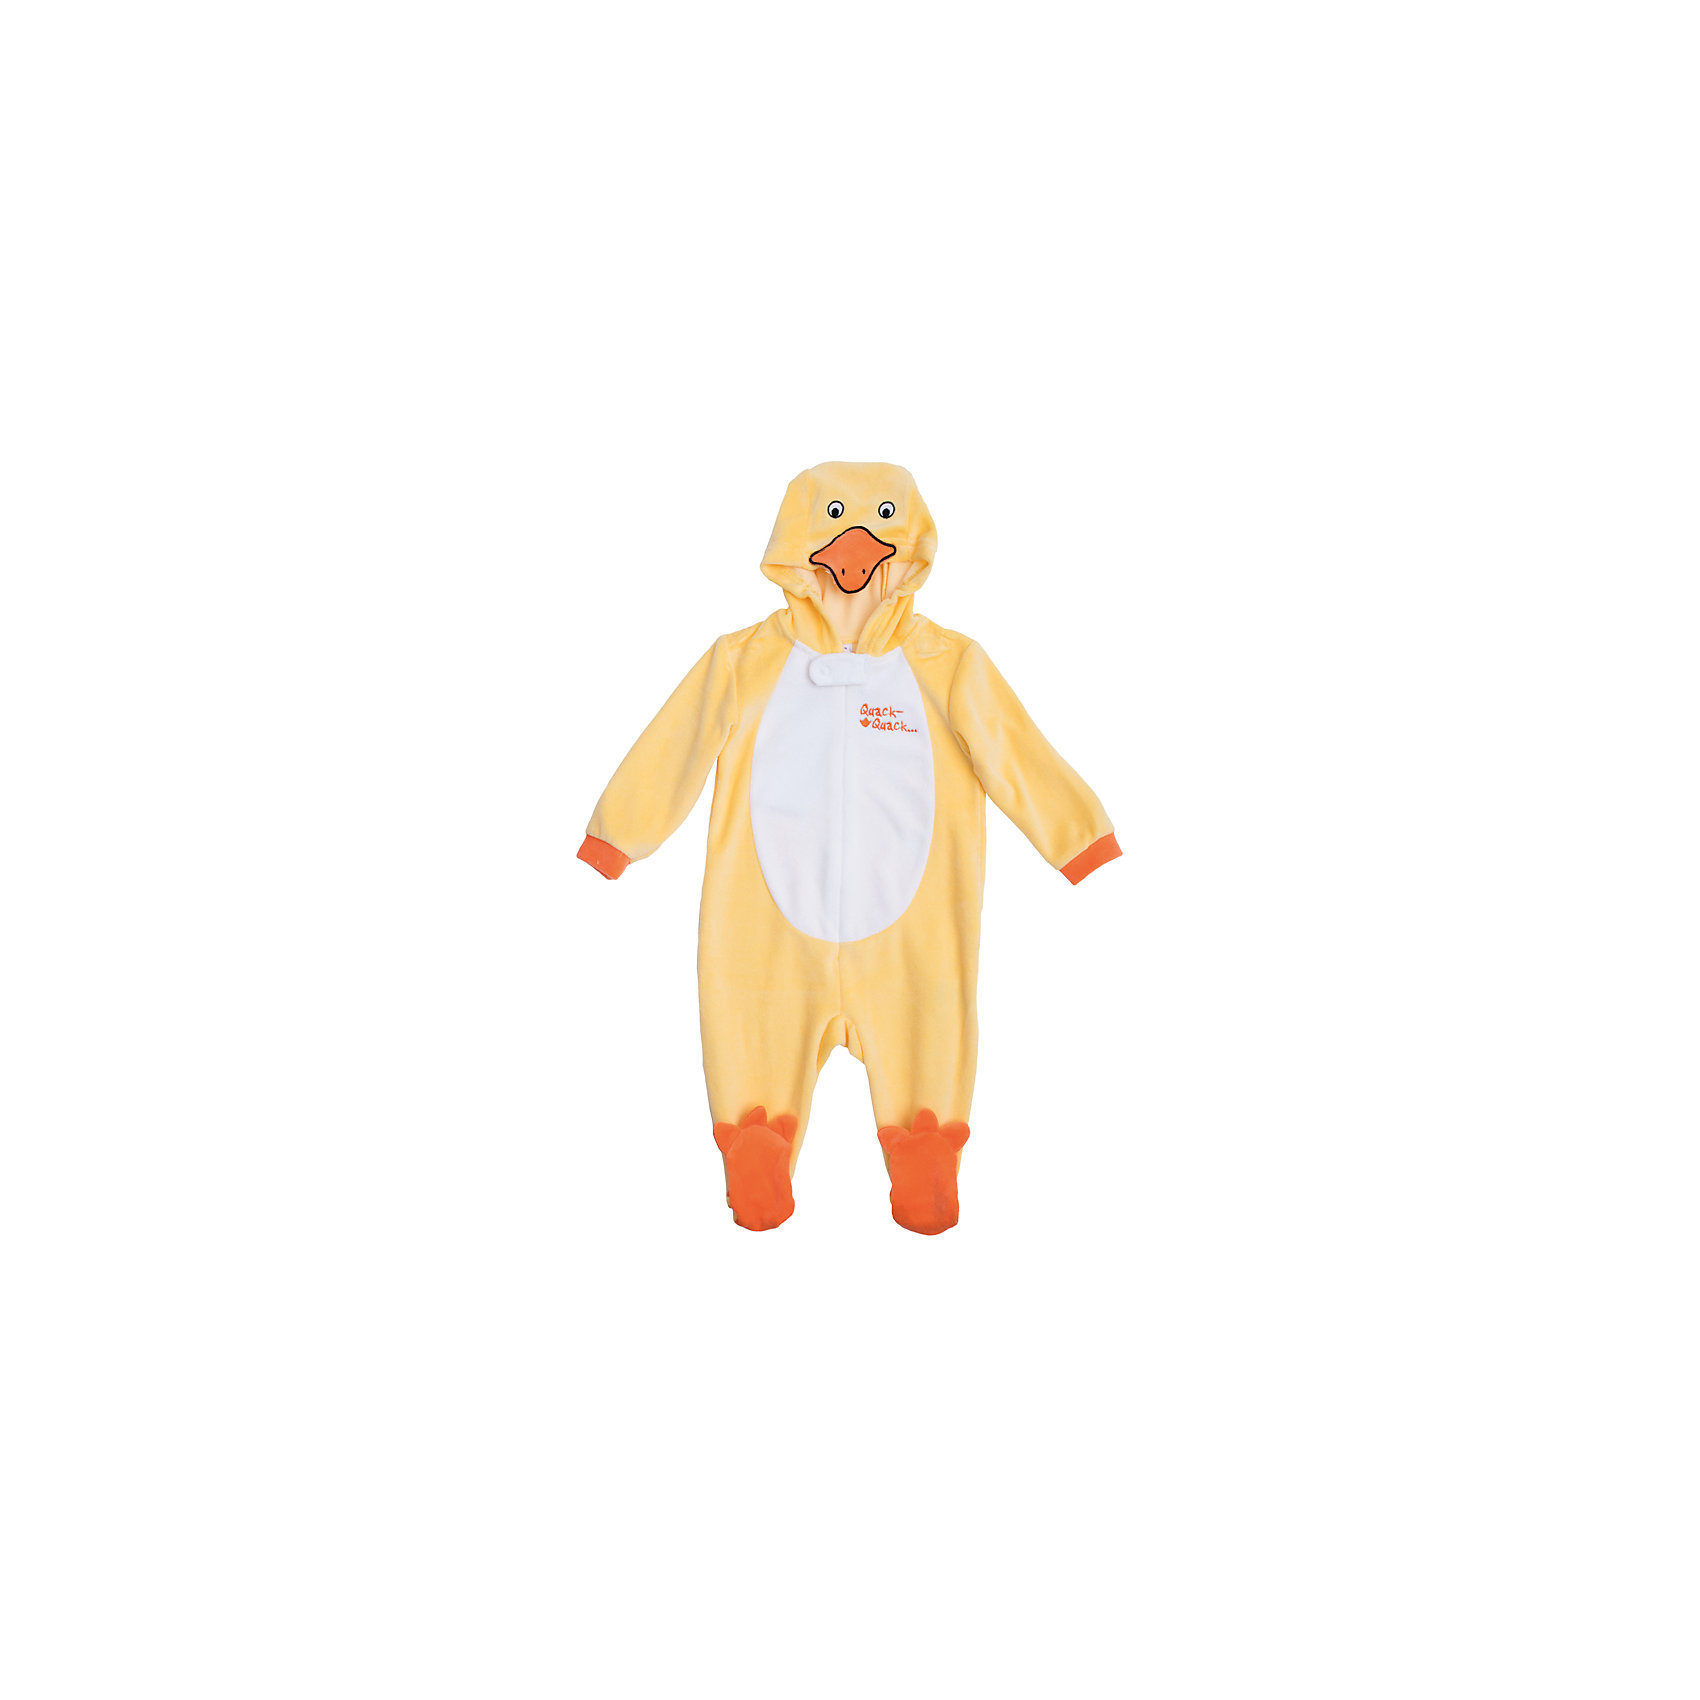 Комбинезон для мальчика PlayTodayДля мальчиков<br>Характеристики:<br><br>• Вид одежды: комбинезон<br>• Предназначение: карнавальный костюм, повседневная одежда<br>• Пол: для мальчика<br>• Сезон: всесезонный<br>• Материал: хлопок – 80%, полиэстер – 20%<br>• Цвет: желтый, белый, оранжевый<br>• Рукав: длинный<br>• Вырез горловины: круглый<br>• Застежка: молния спереди<br>• Наличие капюшона<br>• Особенности ухода: ручная стирка без применения отбеливающих средств, глажение при низкой температуре <br><br>PlayToday – это линейка детской одежды, которая предназначена как для повседневности, так и для праздников. Большинство моделей выполнены в классическом стиле, сочетающем в себе традиции с яркими стильными элементами и аксессуарами. Весь ассортимент одежды сочетается между собой по стилю и цветовому решению, поэтому Вам будет легко сформировать гардероб вашего ребенка, который отражает его индивидуальность. <br>Комбинезон для мальчика PlayToday – яркий, стильный и оригинальный наряд, который может быть использован не только в качестве теплой одежды, но и в качестве карнавального костюма. Комбинезон выполнен из велюра высокого качества. Стиль комбинезона представляет собой имитацию утенка: ярко-желтые детали сочетаются с белой грудкой, оранжевой резинкой на рукавах и с носочками в форме лапок утенка. Капюшон представляет собой мордочку. Комбинезон удобно надевать и снимать: спереди по всей длине имеется застежка-молния. <br><br>Комбинезон для мальчика PlayToday можно купить в нашем интернет-магазине.<br><br>Ширина мм: 157<br>Глубина мм: 13<br>Высота мм: 119<br>Вес г: 200<br>Цвет: желтый<br>Возраст от месяцев: 6<br>Возраст до месяцев: 9<br>Пол: Мужской<br>Возраст: Детский<br>Размер: 74,62,68<br>SKU: 5059461